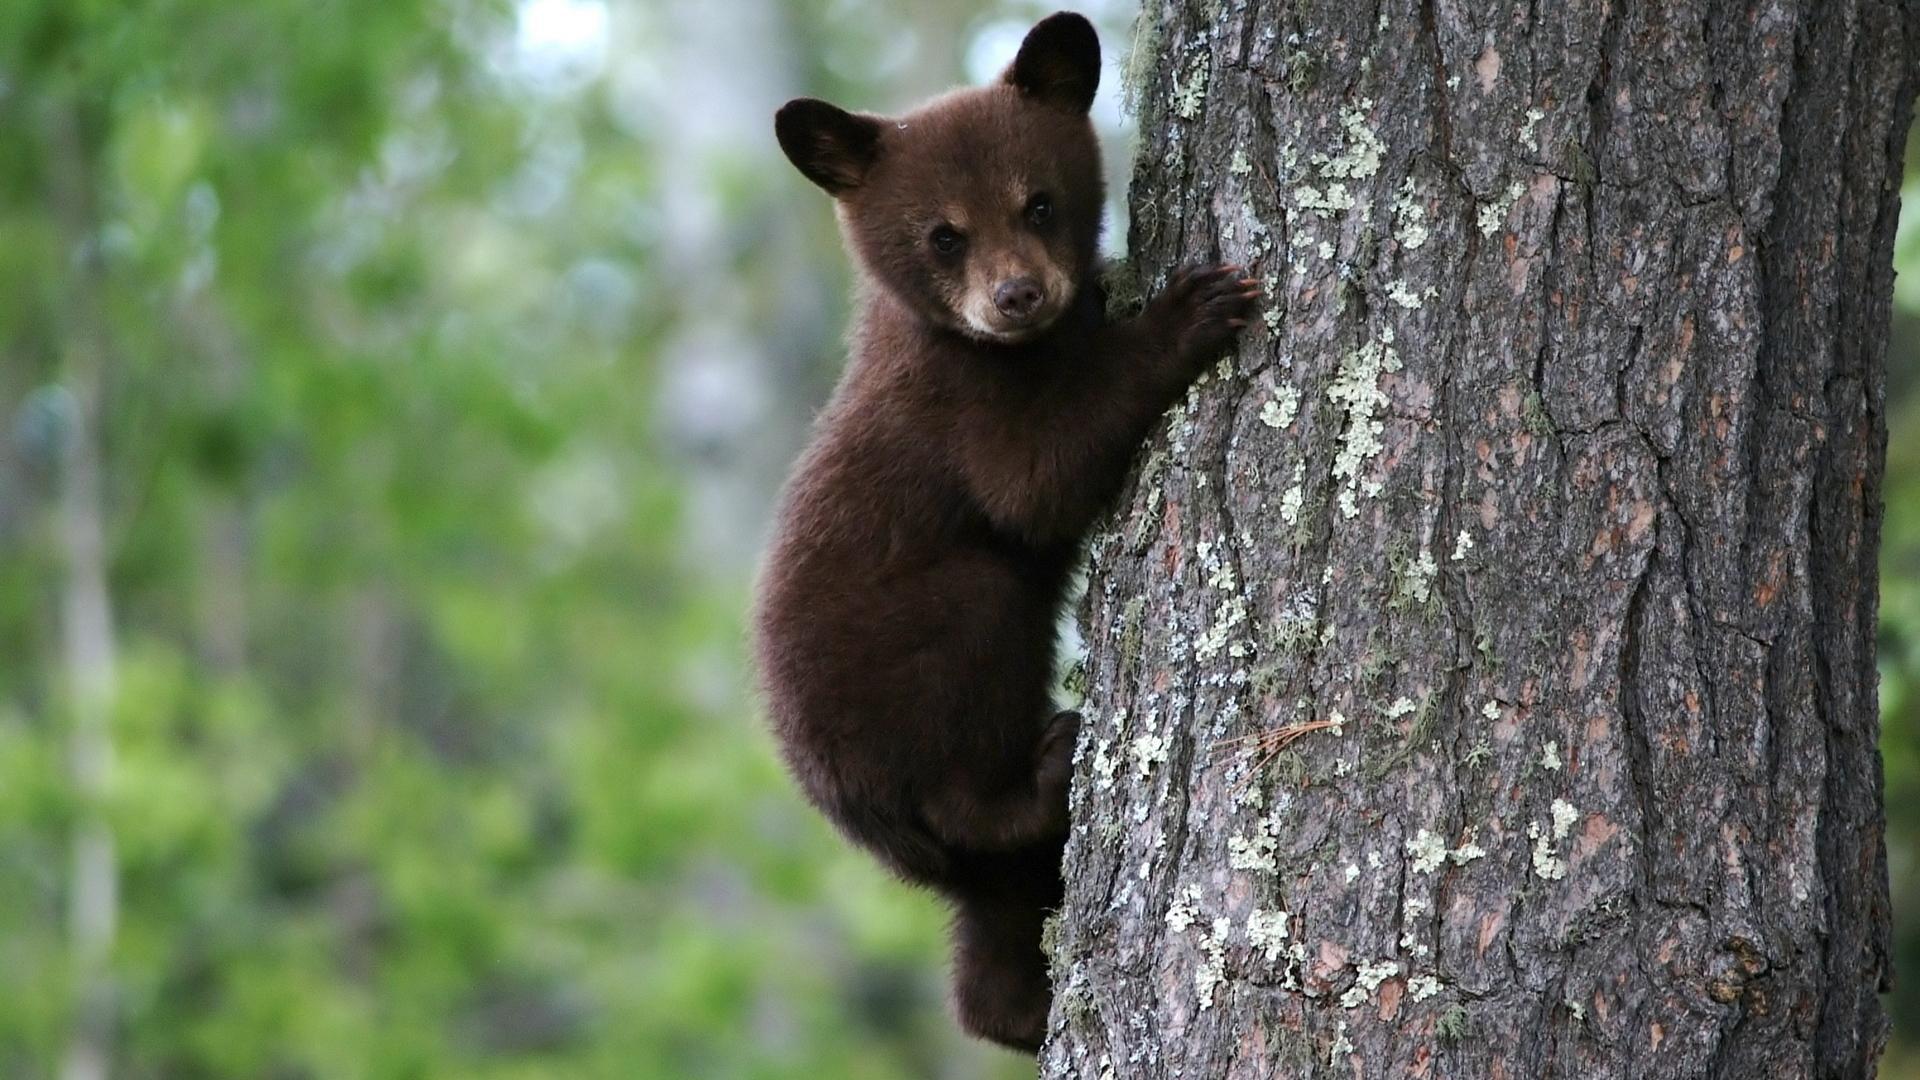 40907 Заставки и Обои Медведи на телефон. Скачать Медведи, Животные картинки бесплатно